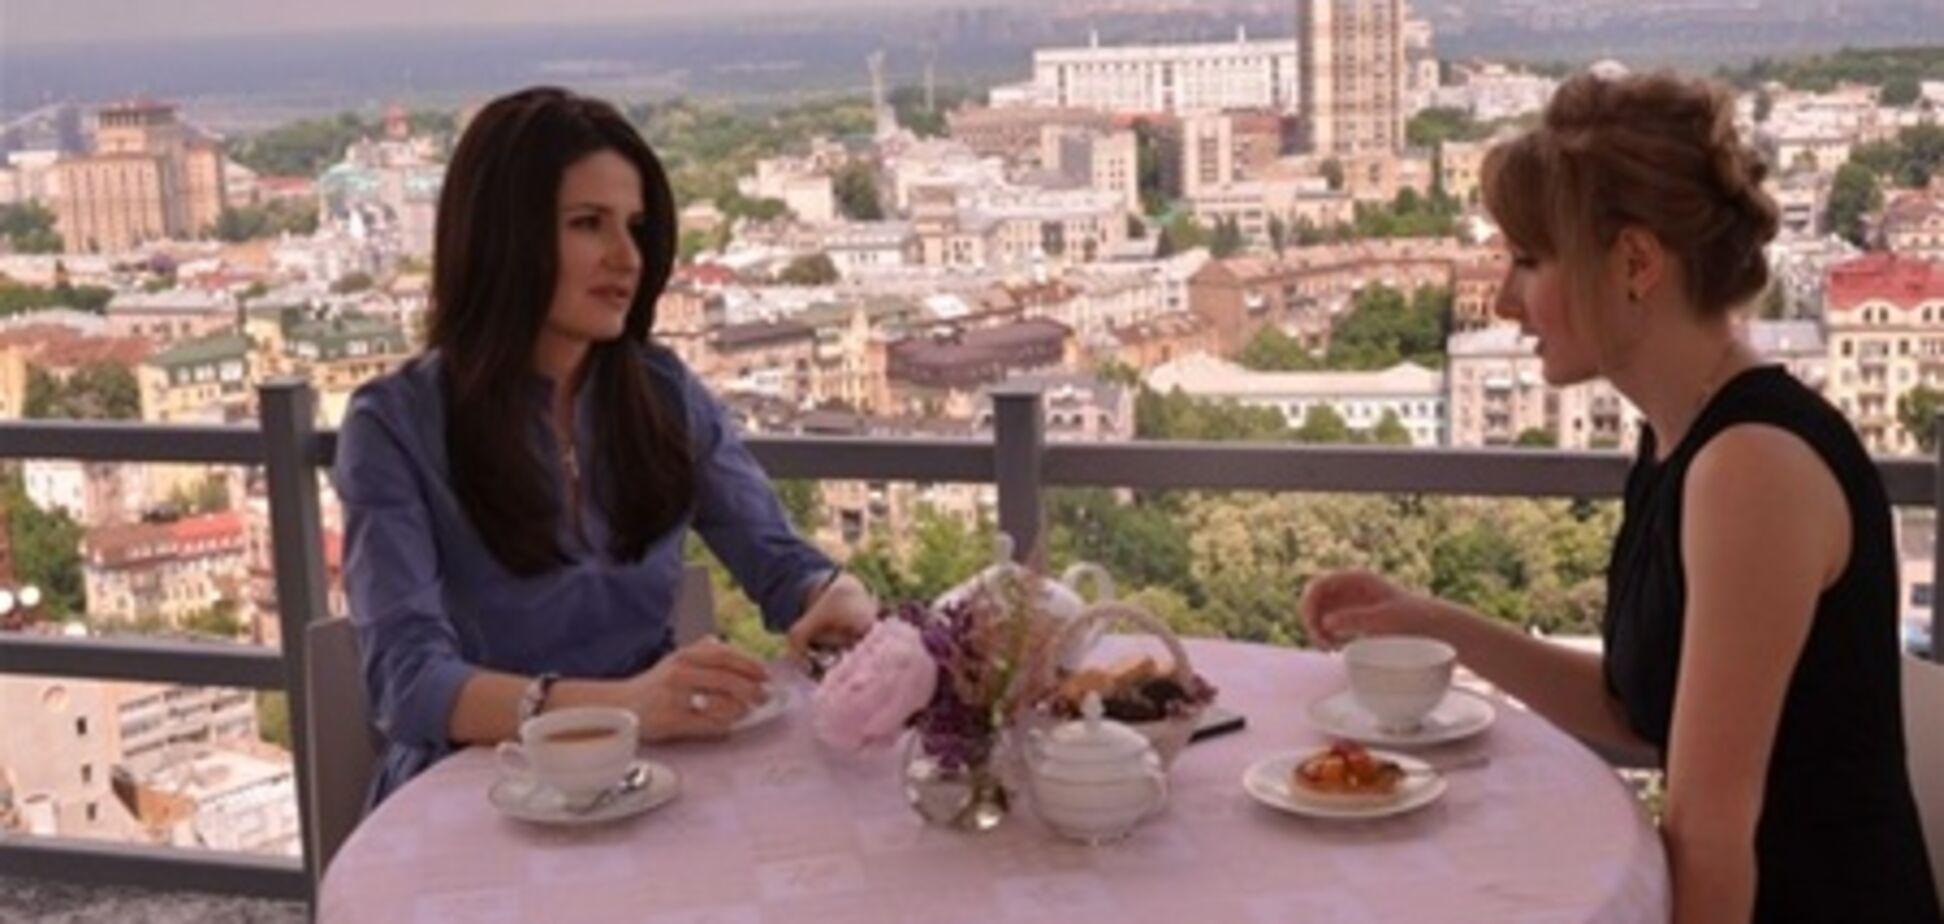 Лилия Резвая за завтраком с Березовской